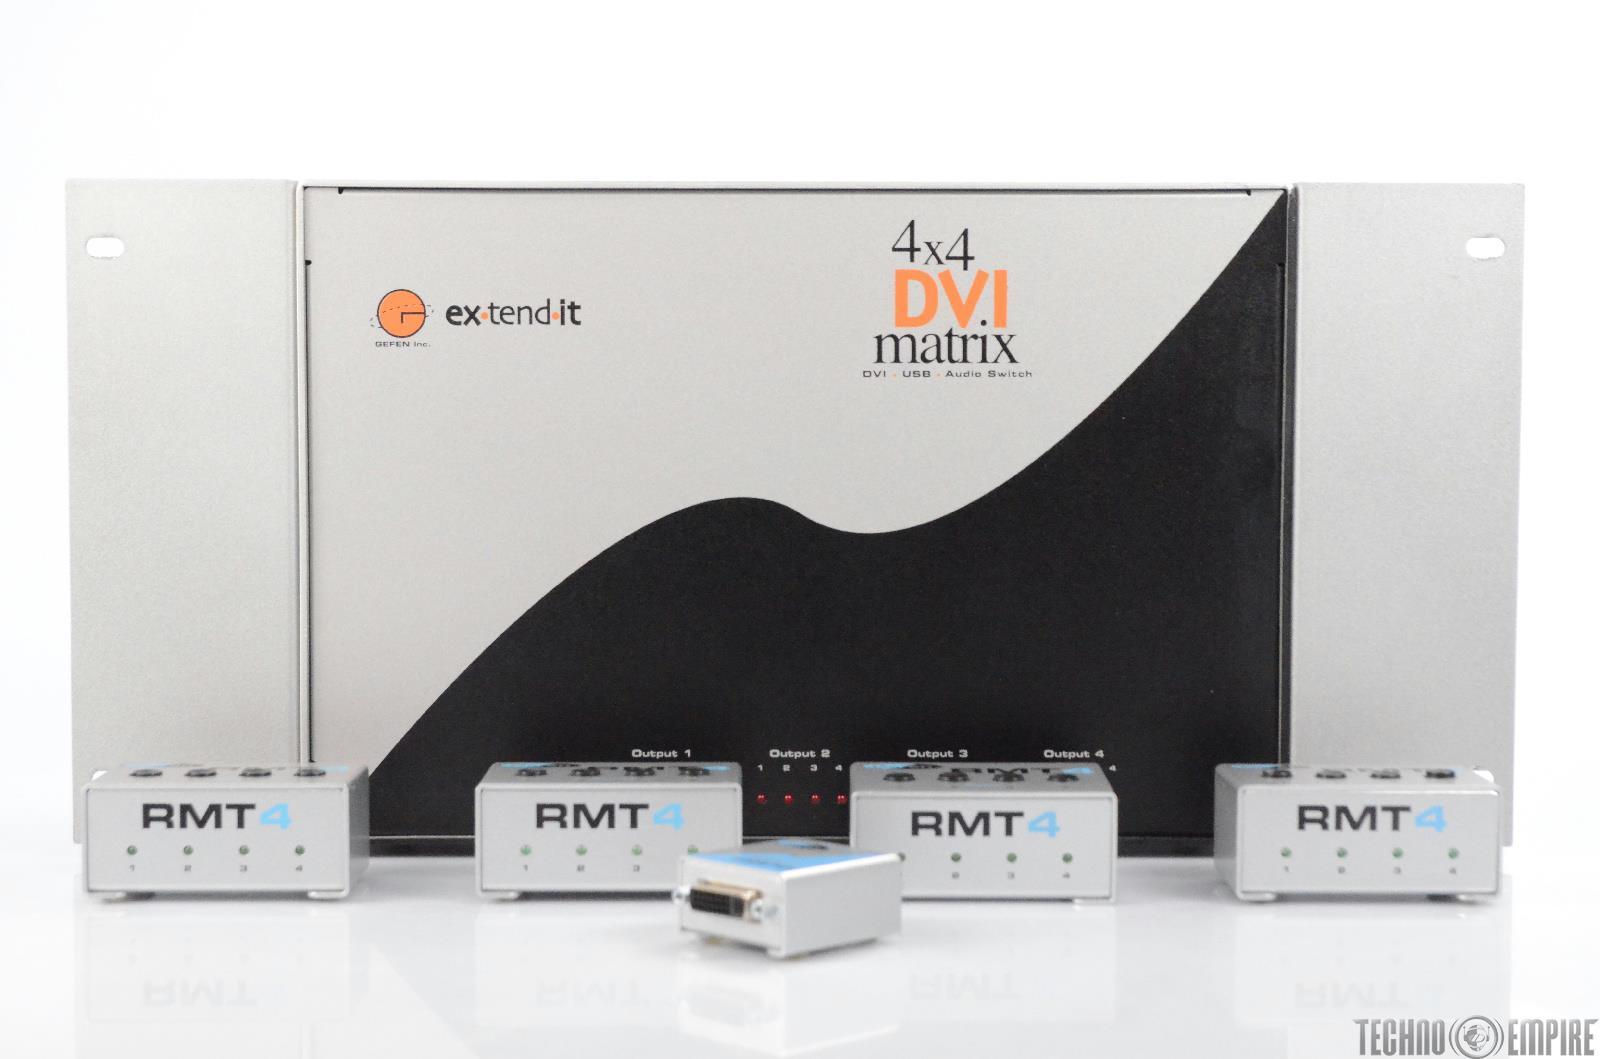 Gefen Ex-Tend-It 4x4 DVI Matrix USB Audio Switch Repeater w/ RMT4 & Xtras #30795